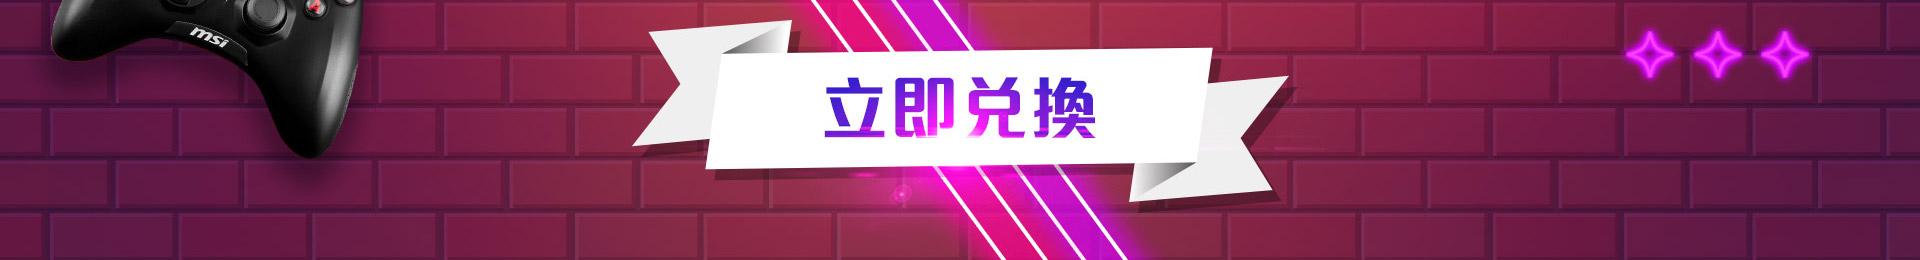 新春備戰 Game Star